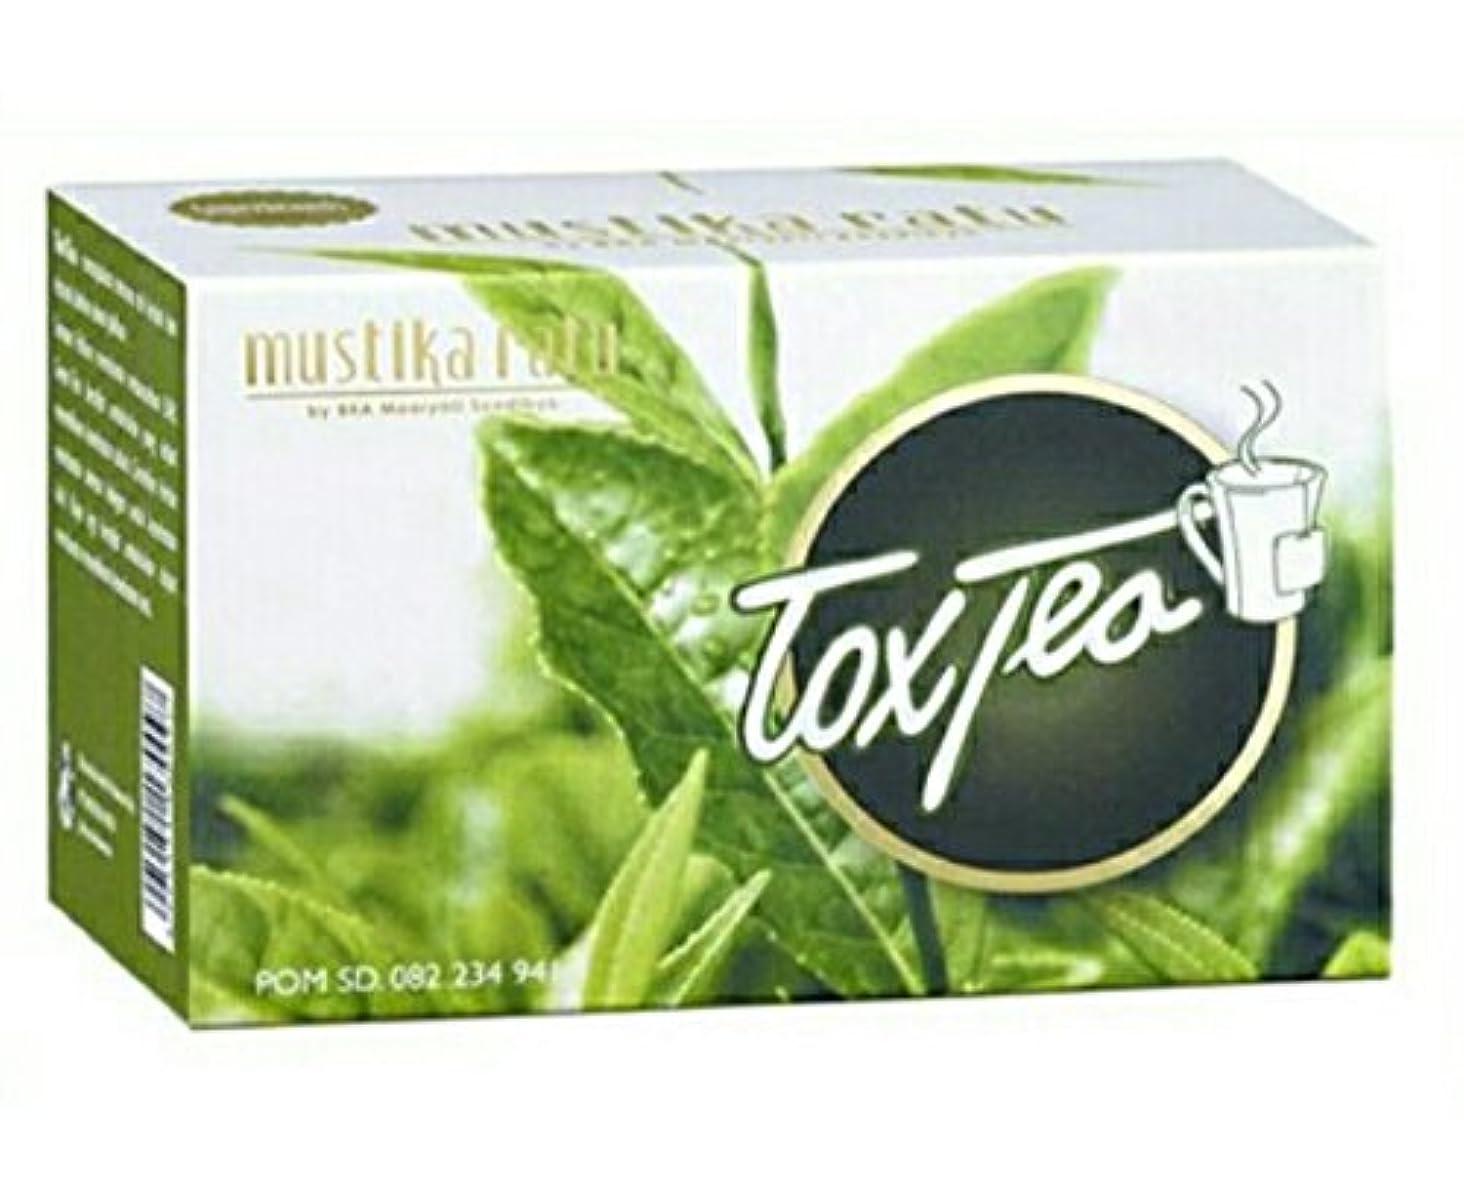 ビスケット一過性規制するMustika ratu Tea ムスティカラトゥトックスティー3箱x 15個のティーバッグ= 45個のティーバッグ